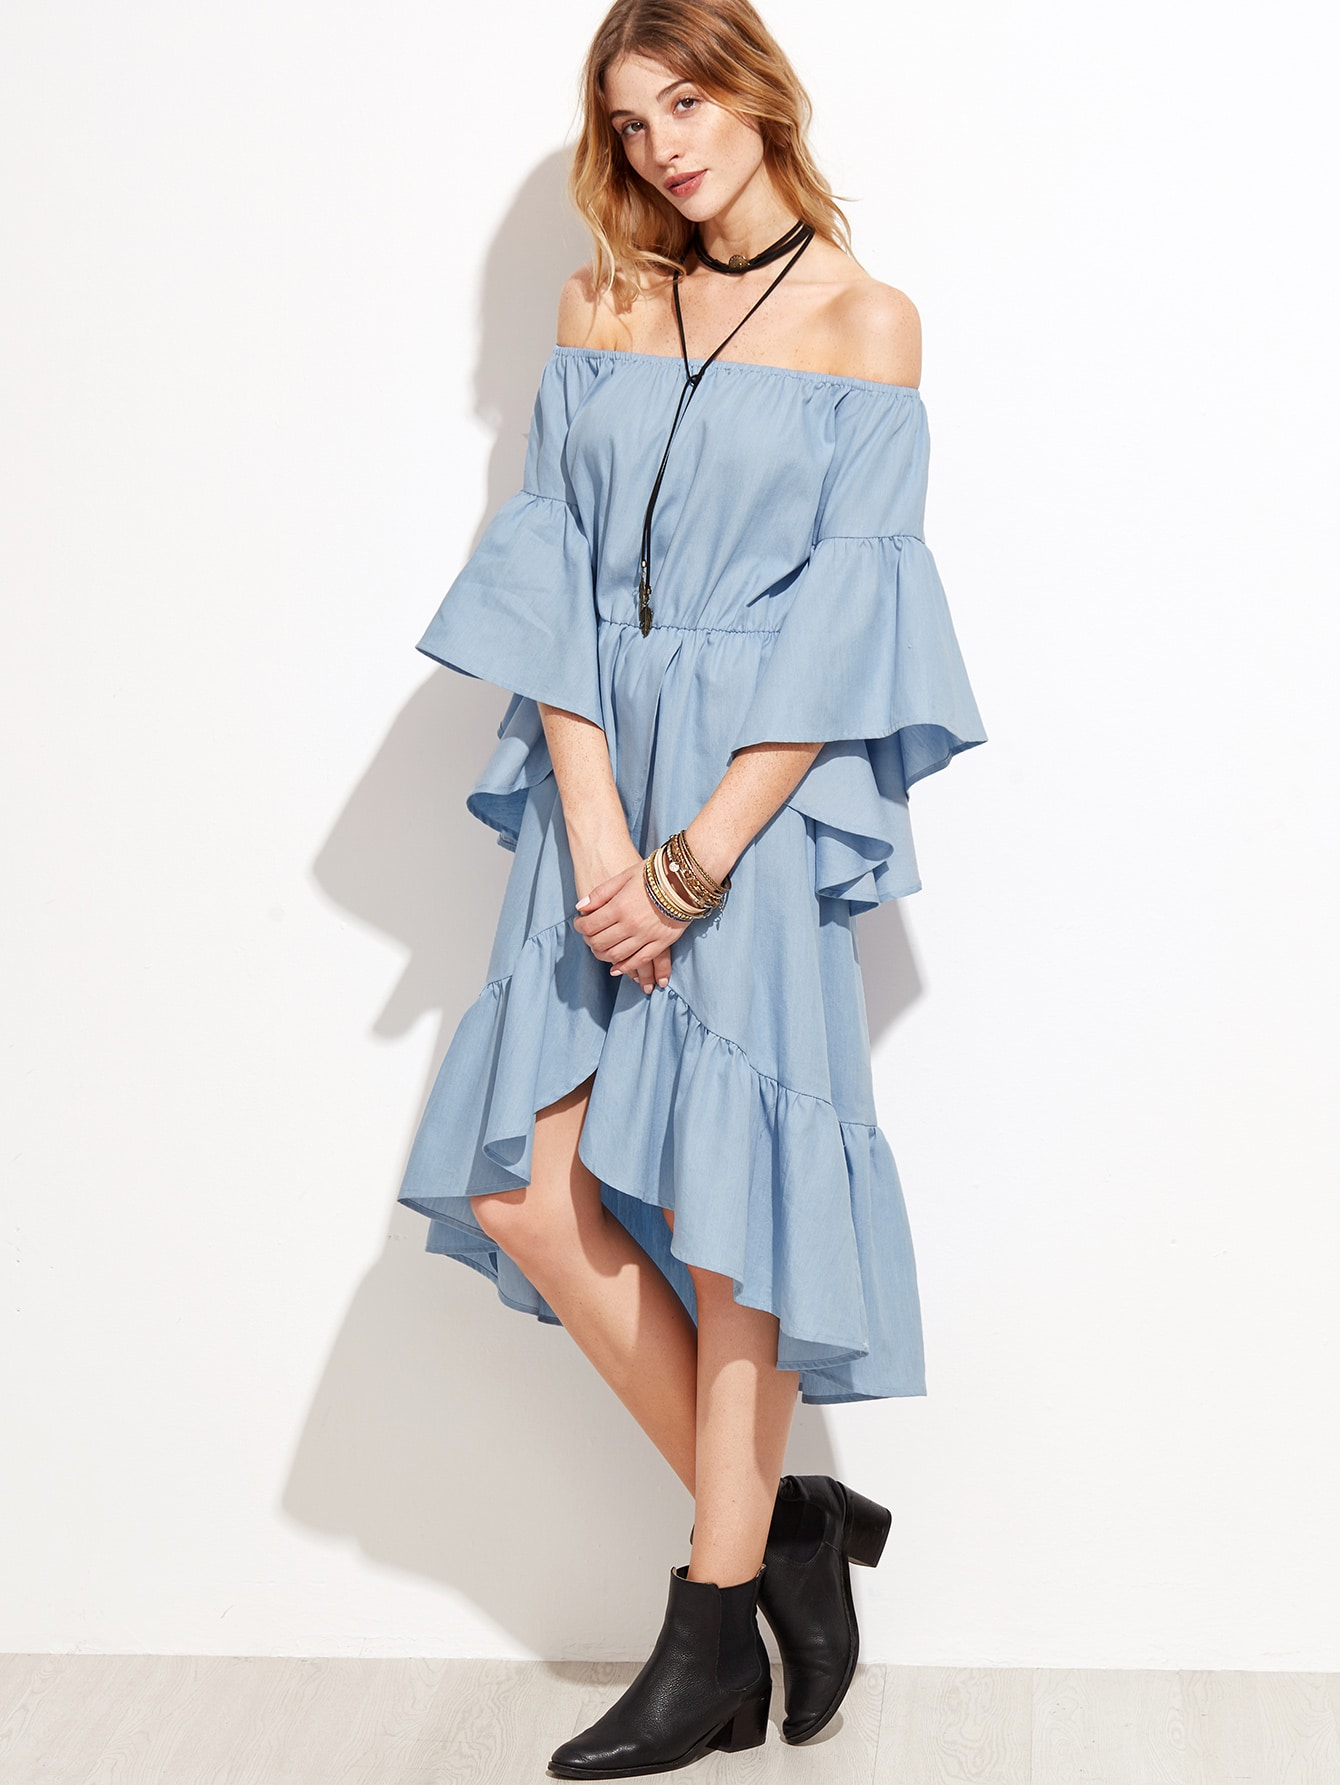 dress160927708_2